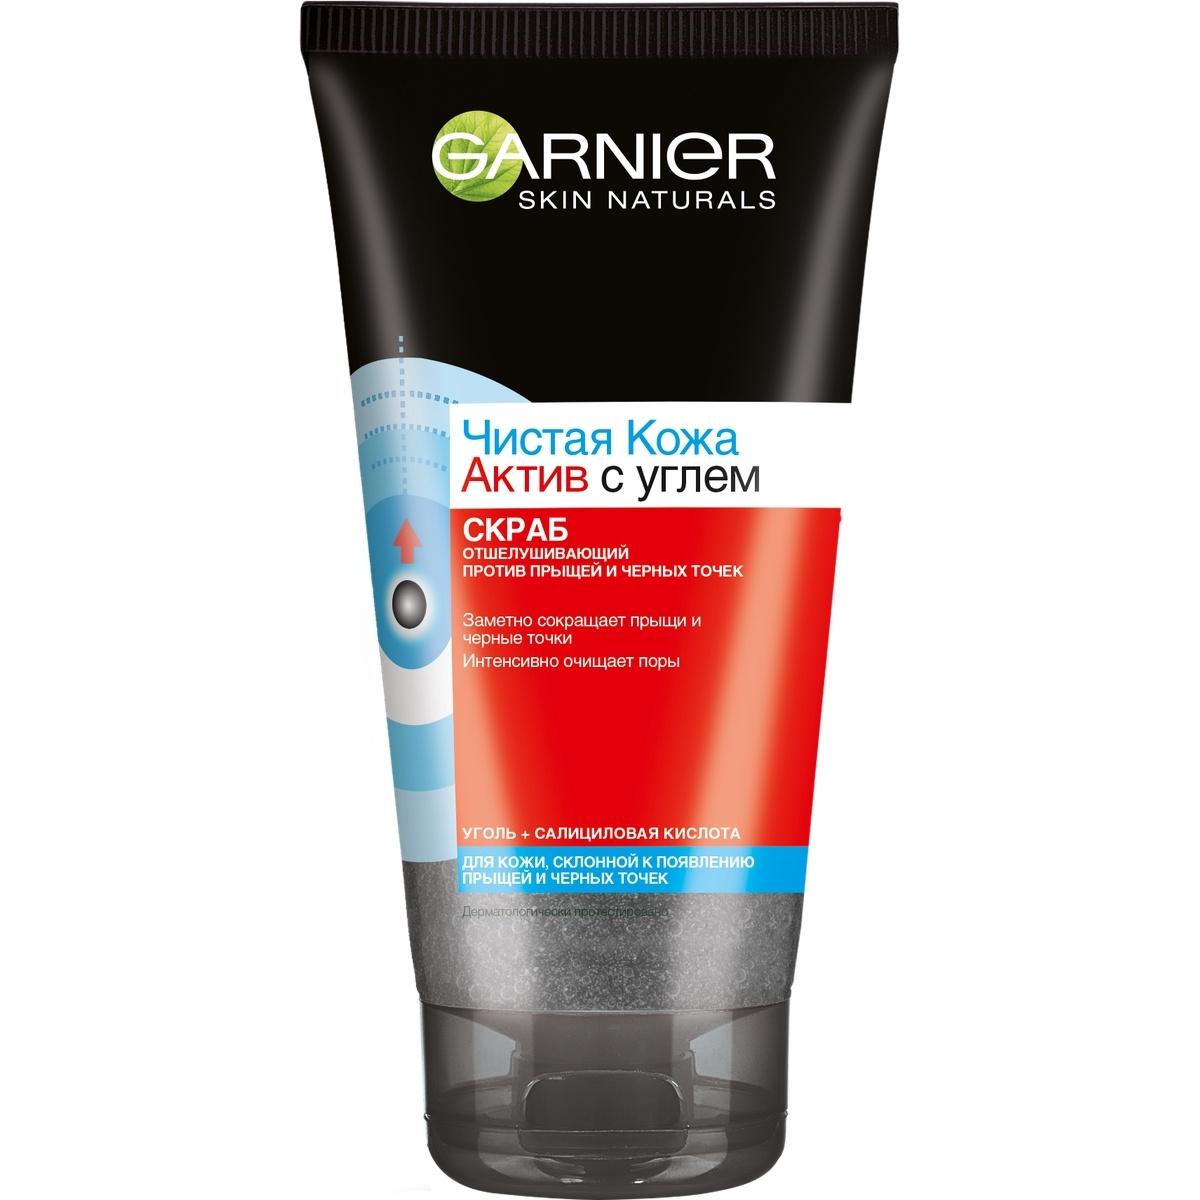 Garnier Скраб для лица Чистая кожа Актив с углем и салициловой кислотой против прыщей и черных точек, #1